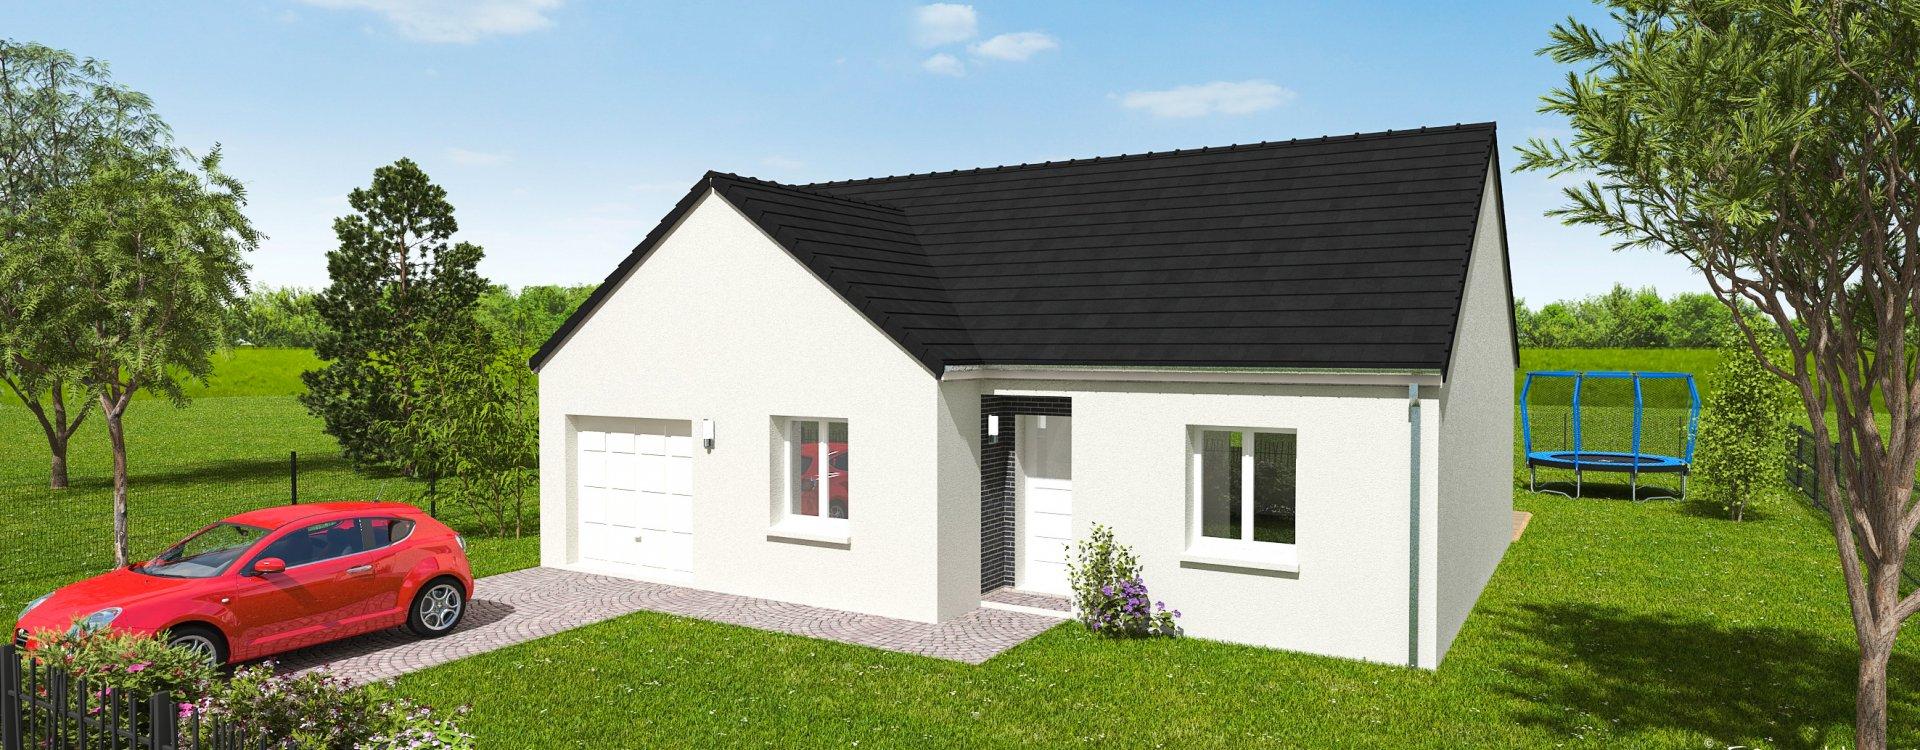 Maisons + Terrains du constructeur EASY HOUSE • 75 m² • FAY AUX LOGES